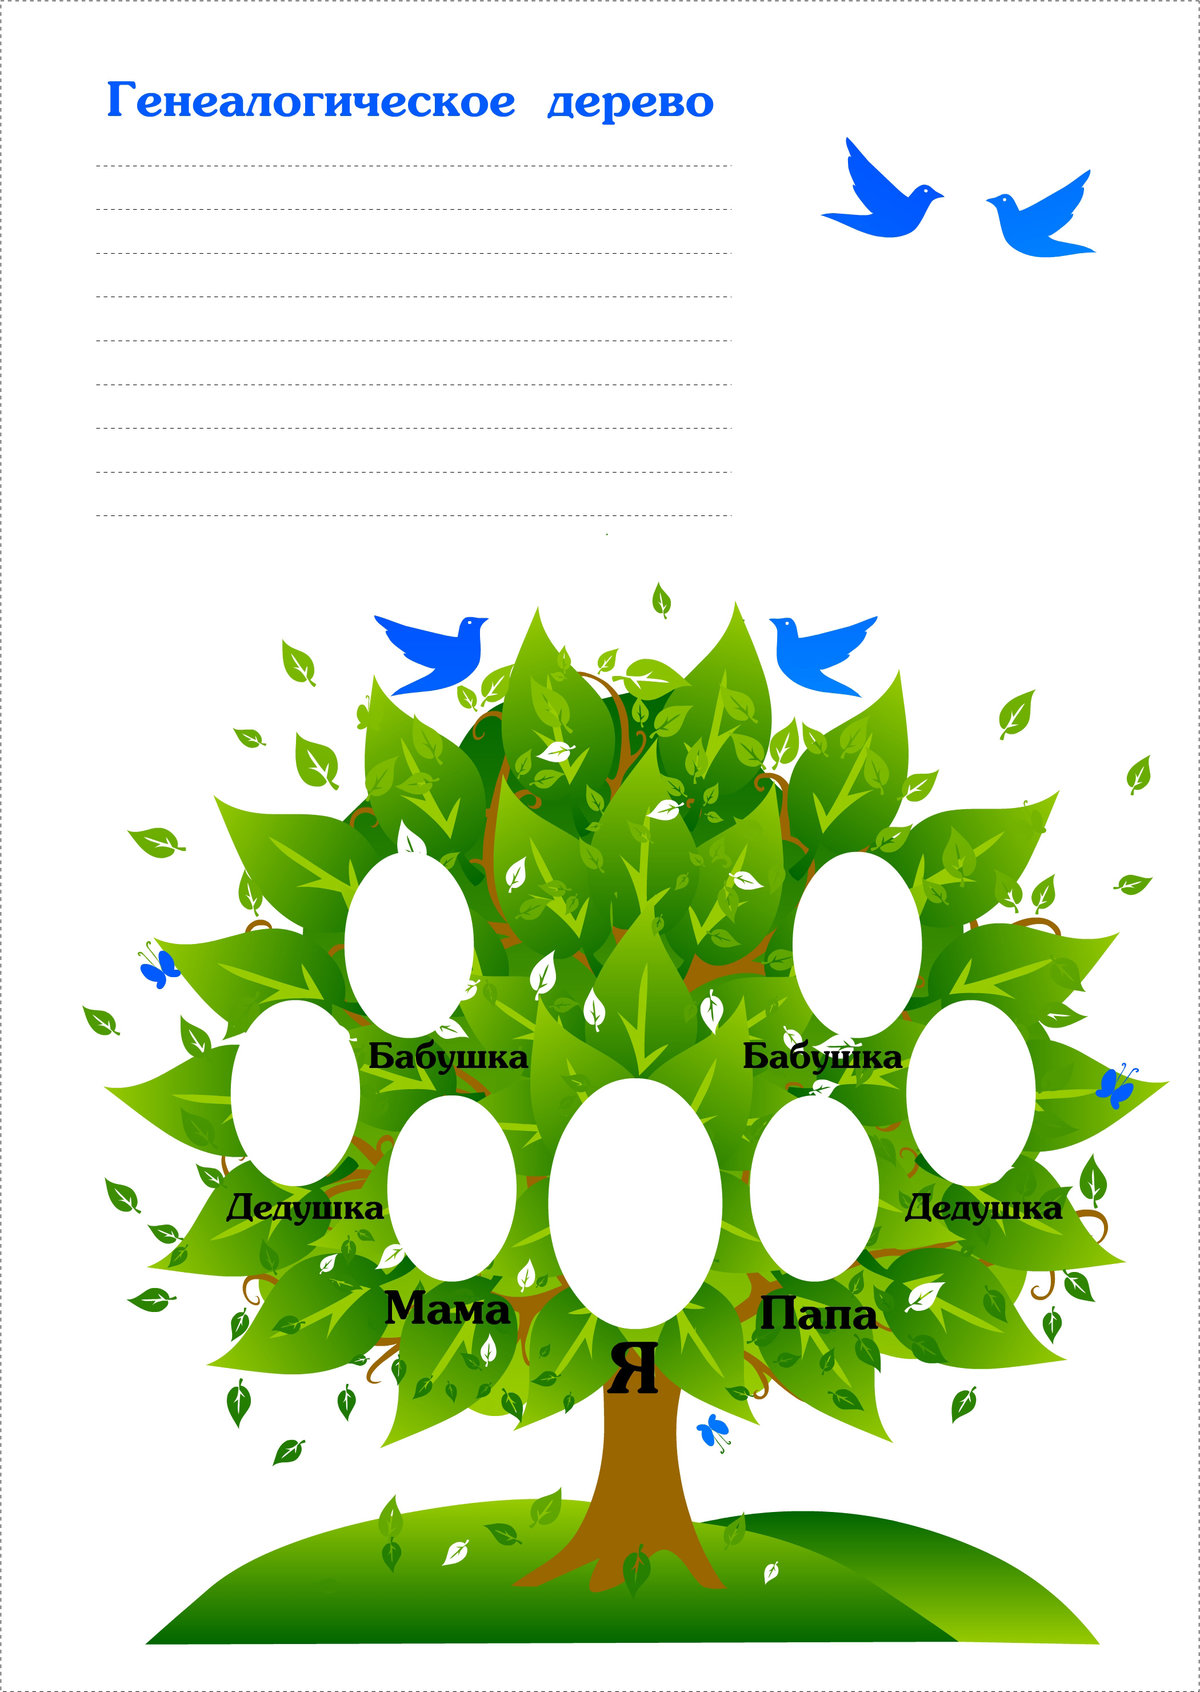 Семейное дерево рисунок своими руками